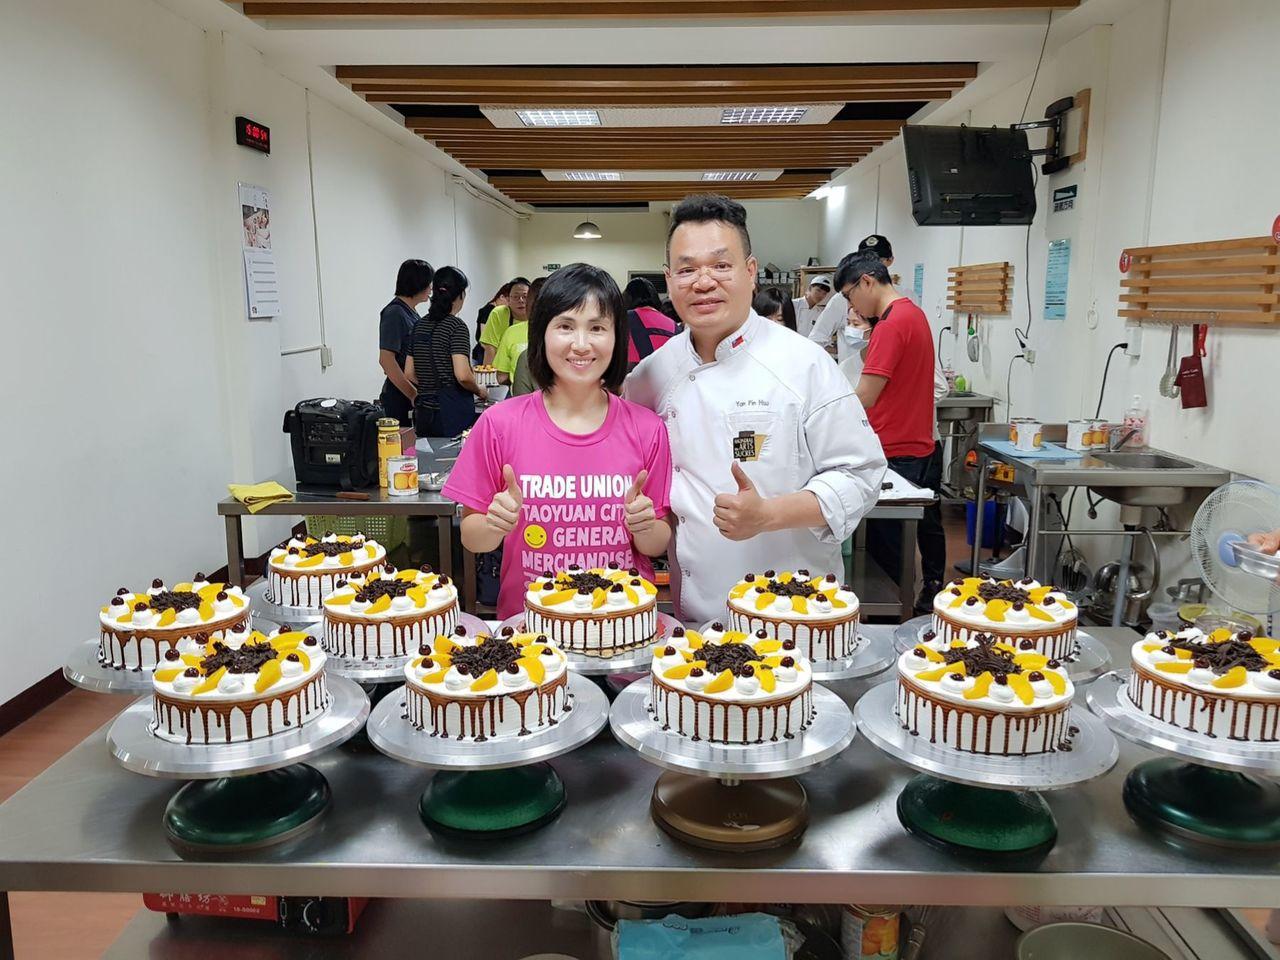 桃園市百貨食品銷售員職業工會為提前慶祝父親節,今日舉辦手作父親節蛋糕活動,不少會...